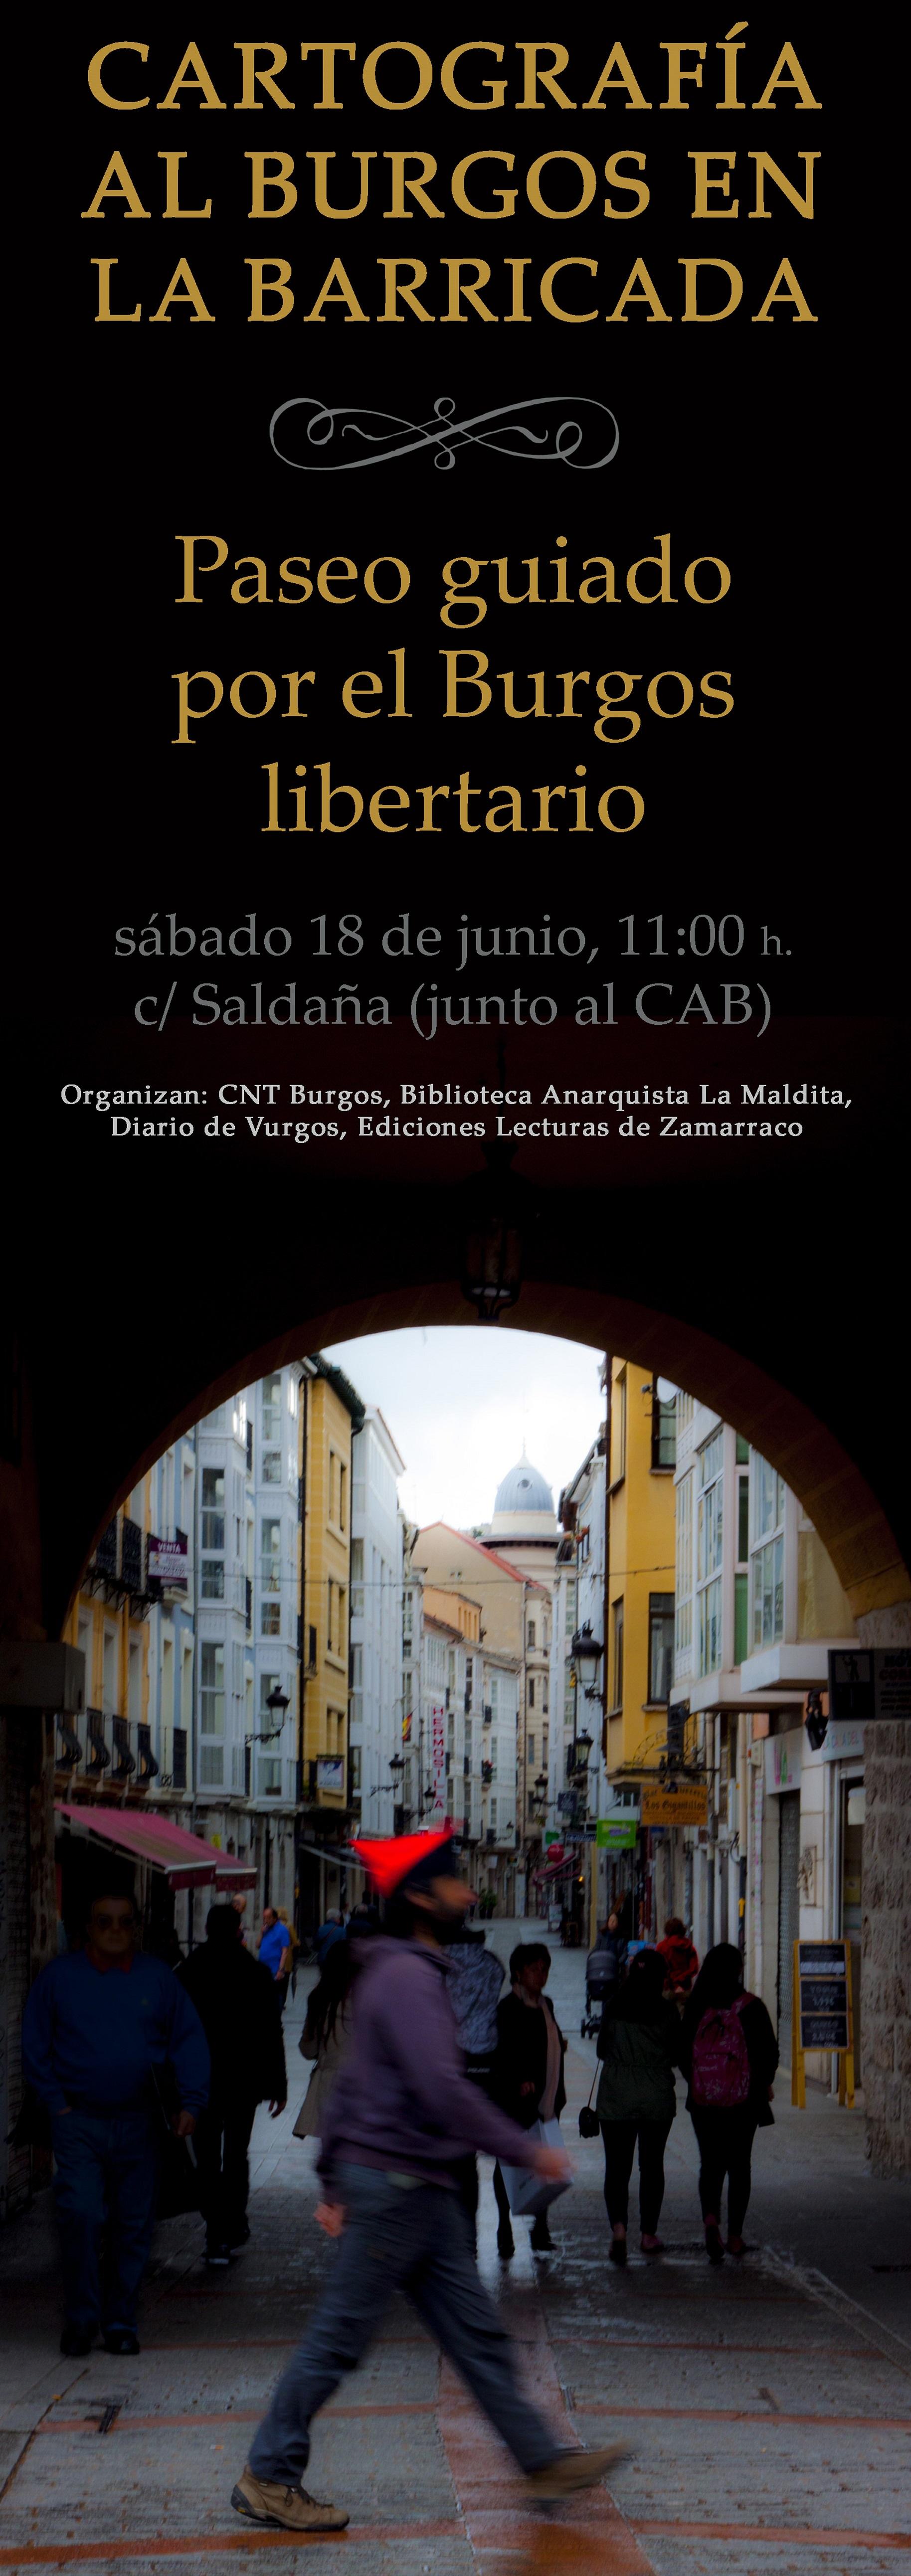 Paseo libertario Burgos web2